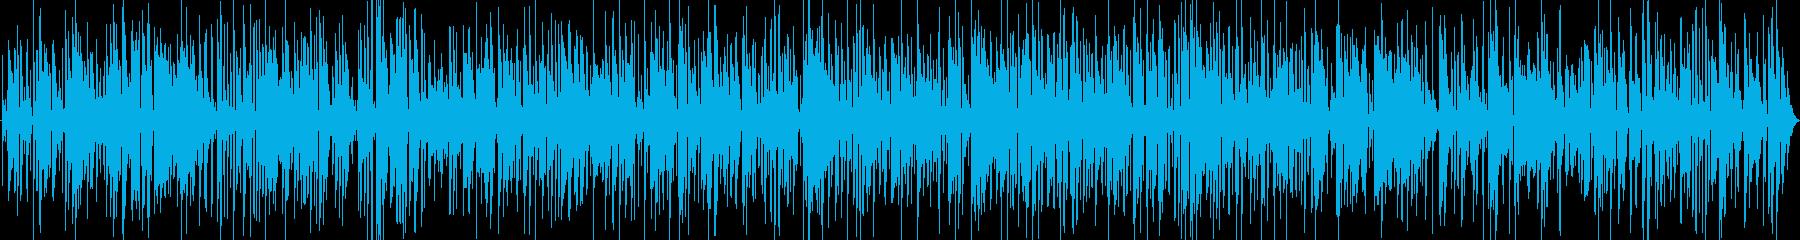 アダルトで大人なジャズバーのサックスの再生済みの波形